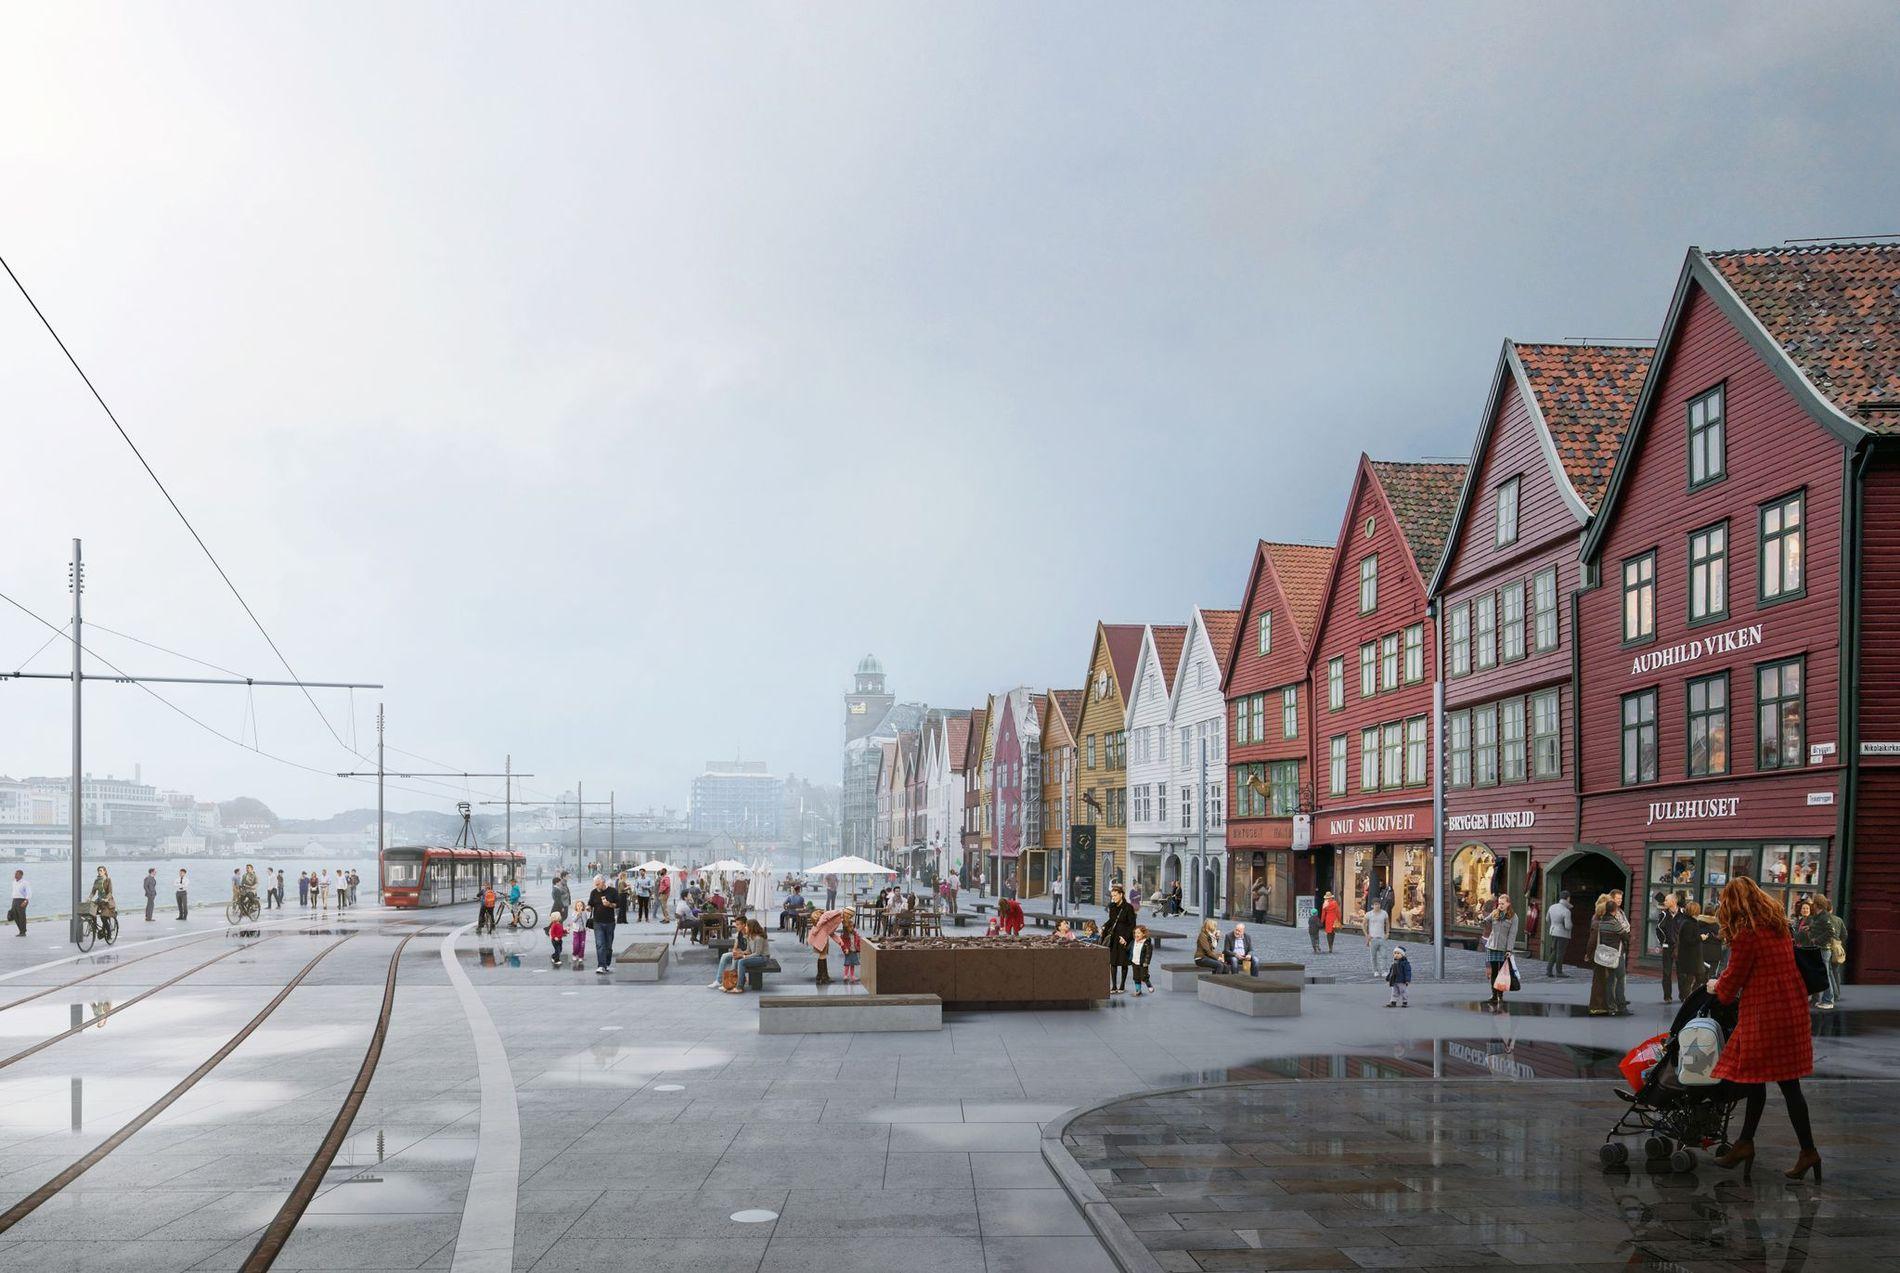 BYBANEN: Det finnes ikke noe tunnelalternativ til dagløsning over Bryggen. En bymiljøtunnel i sentrum kommer aldri til å bli bygget, skriver Eirik Glambæk Bøe.